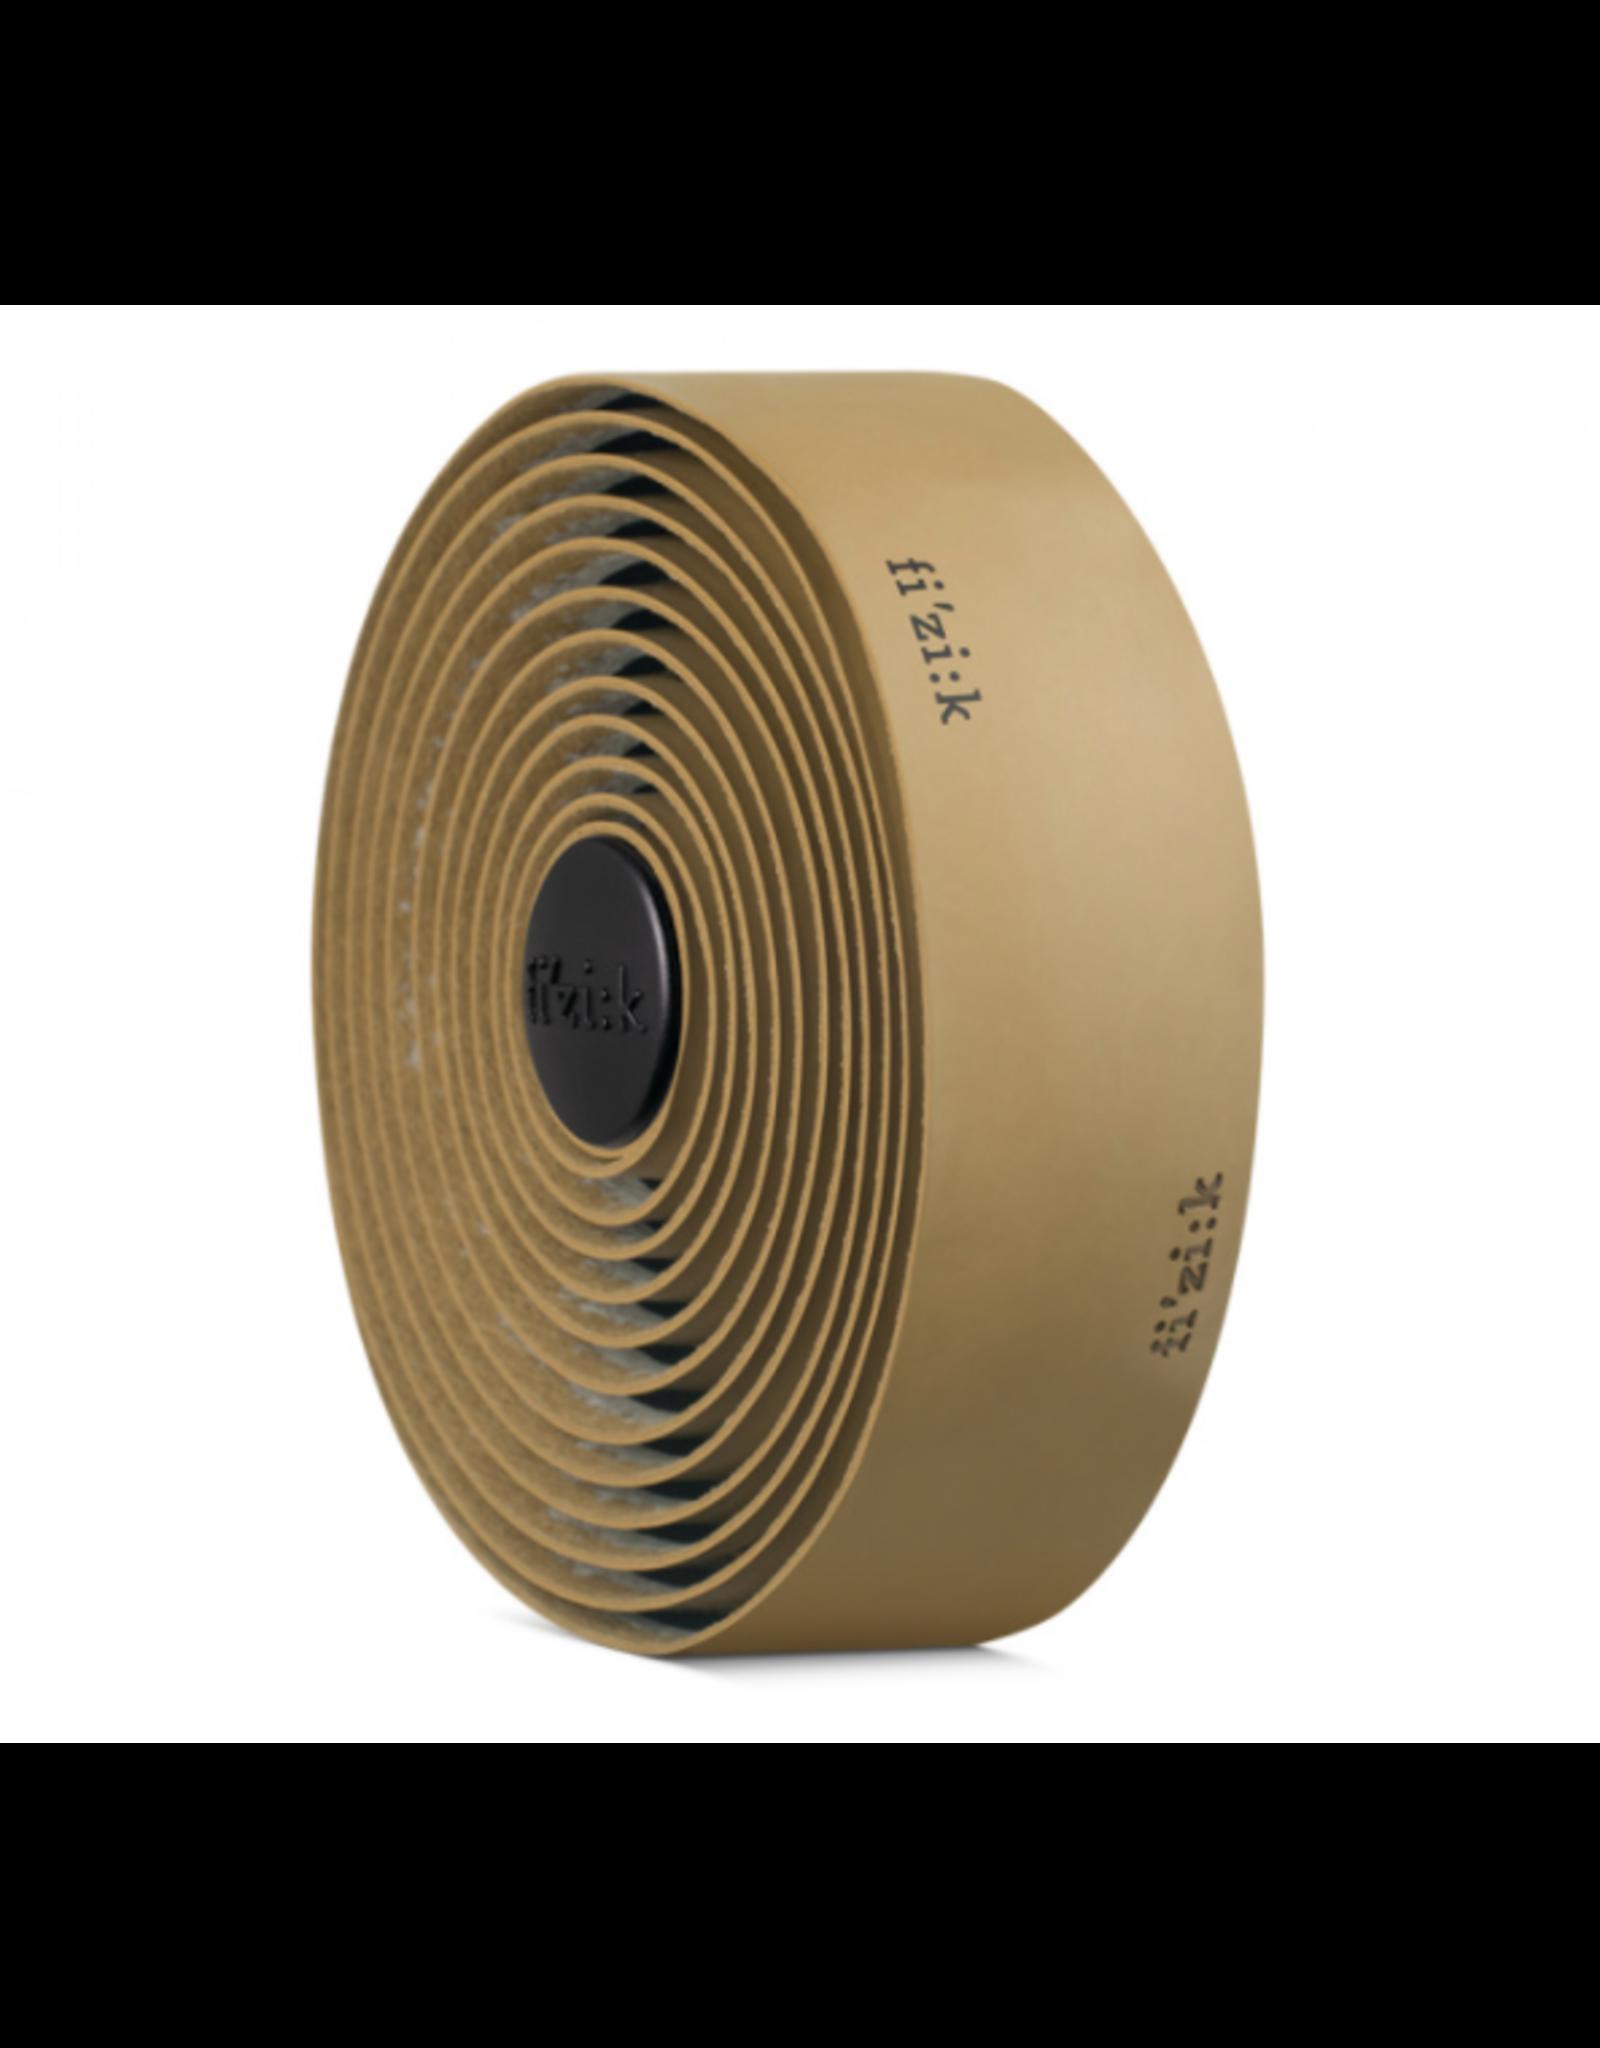 Fizik Fizik Terra Microtex Bondcush Gel Backer Tacky Handlebar Tape- BROWN - 3mm